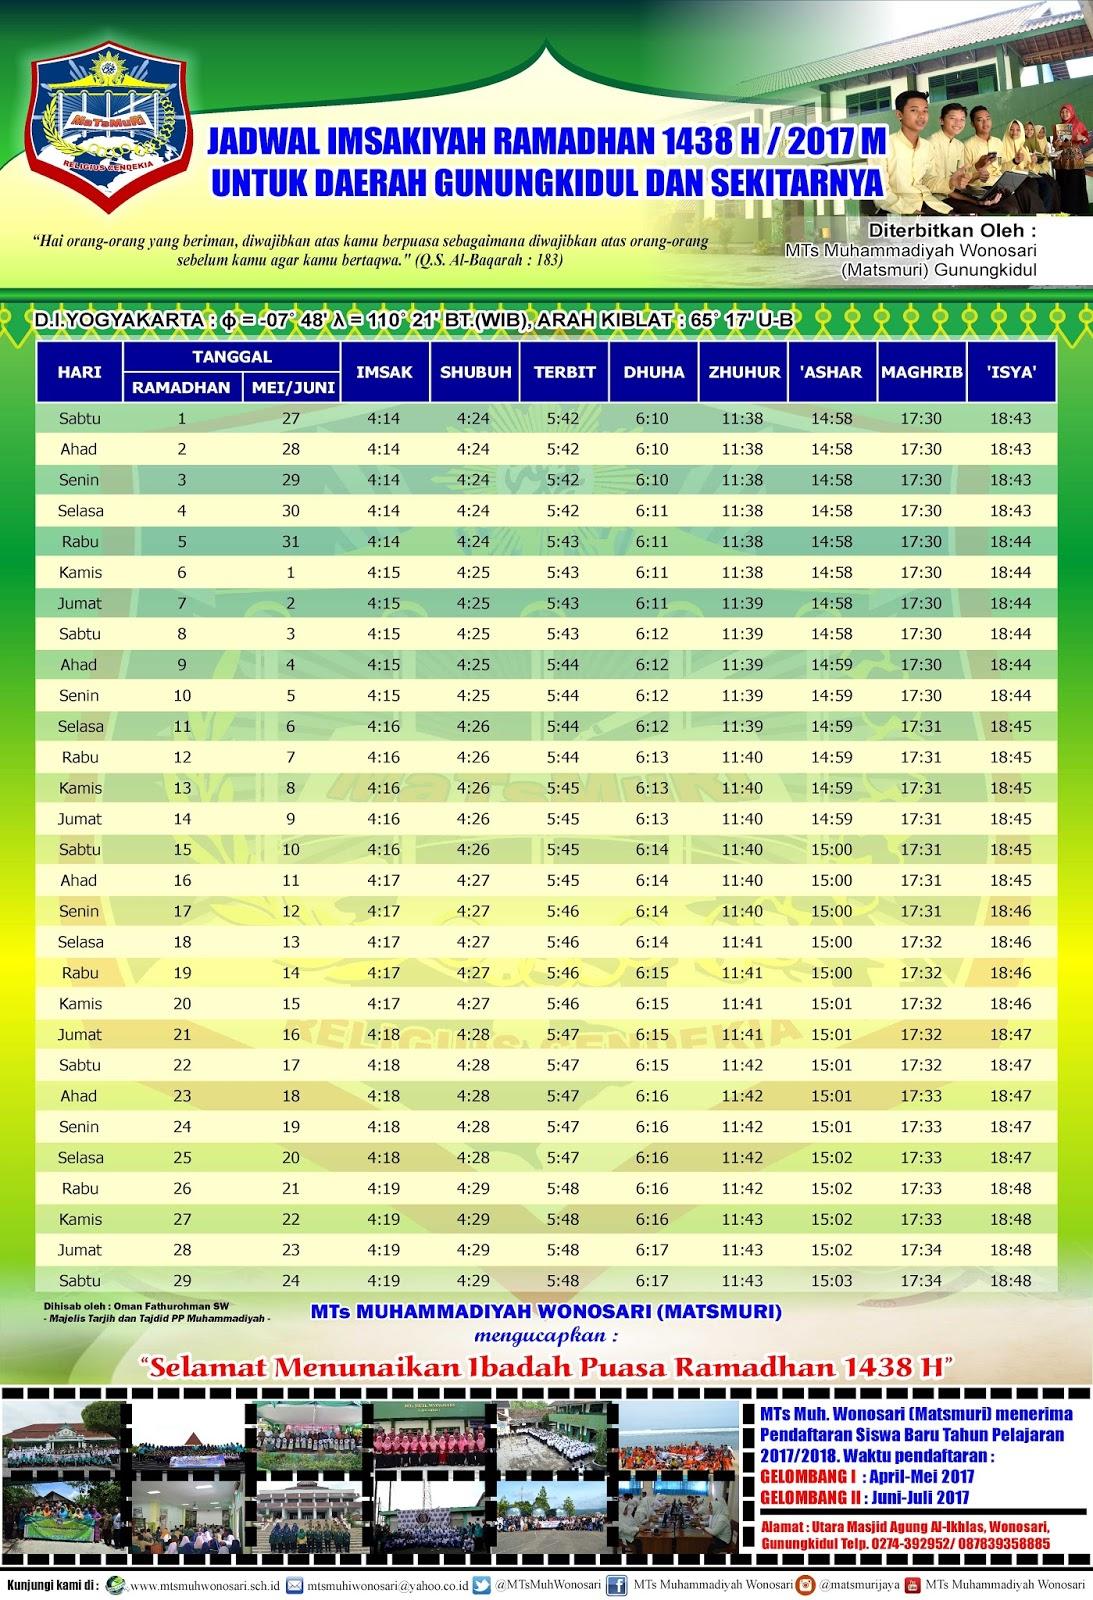 Jadwal Imsakiyah Ramadhan 1438 H Untuk Daerah Gunungkidul ...